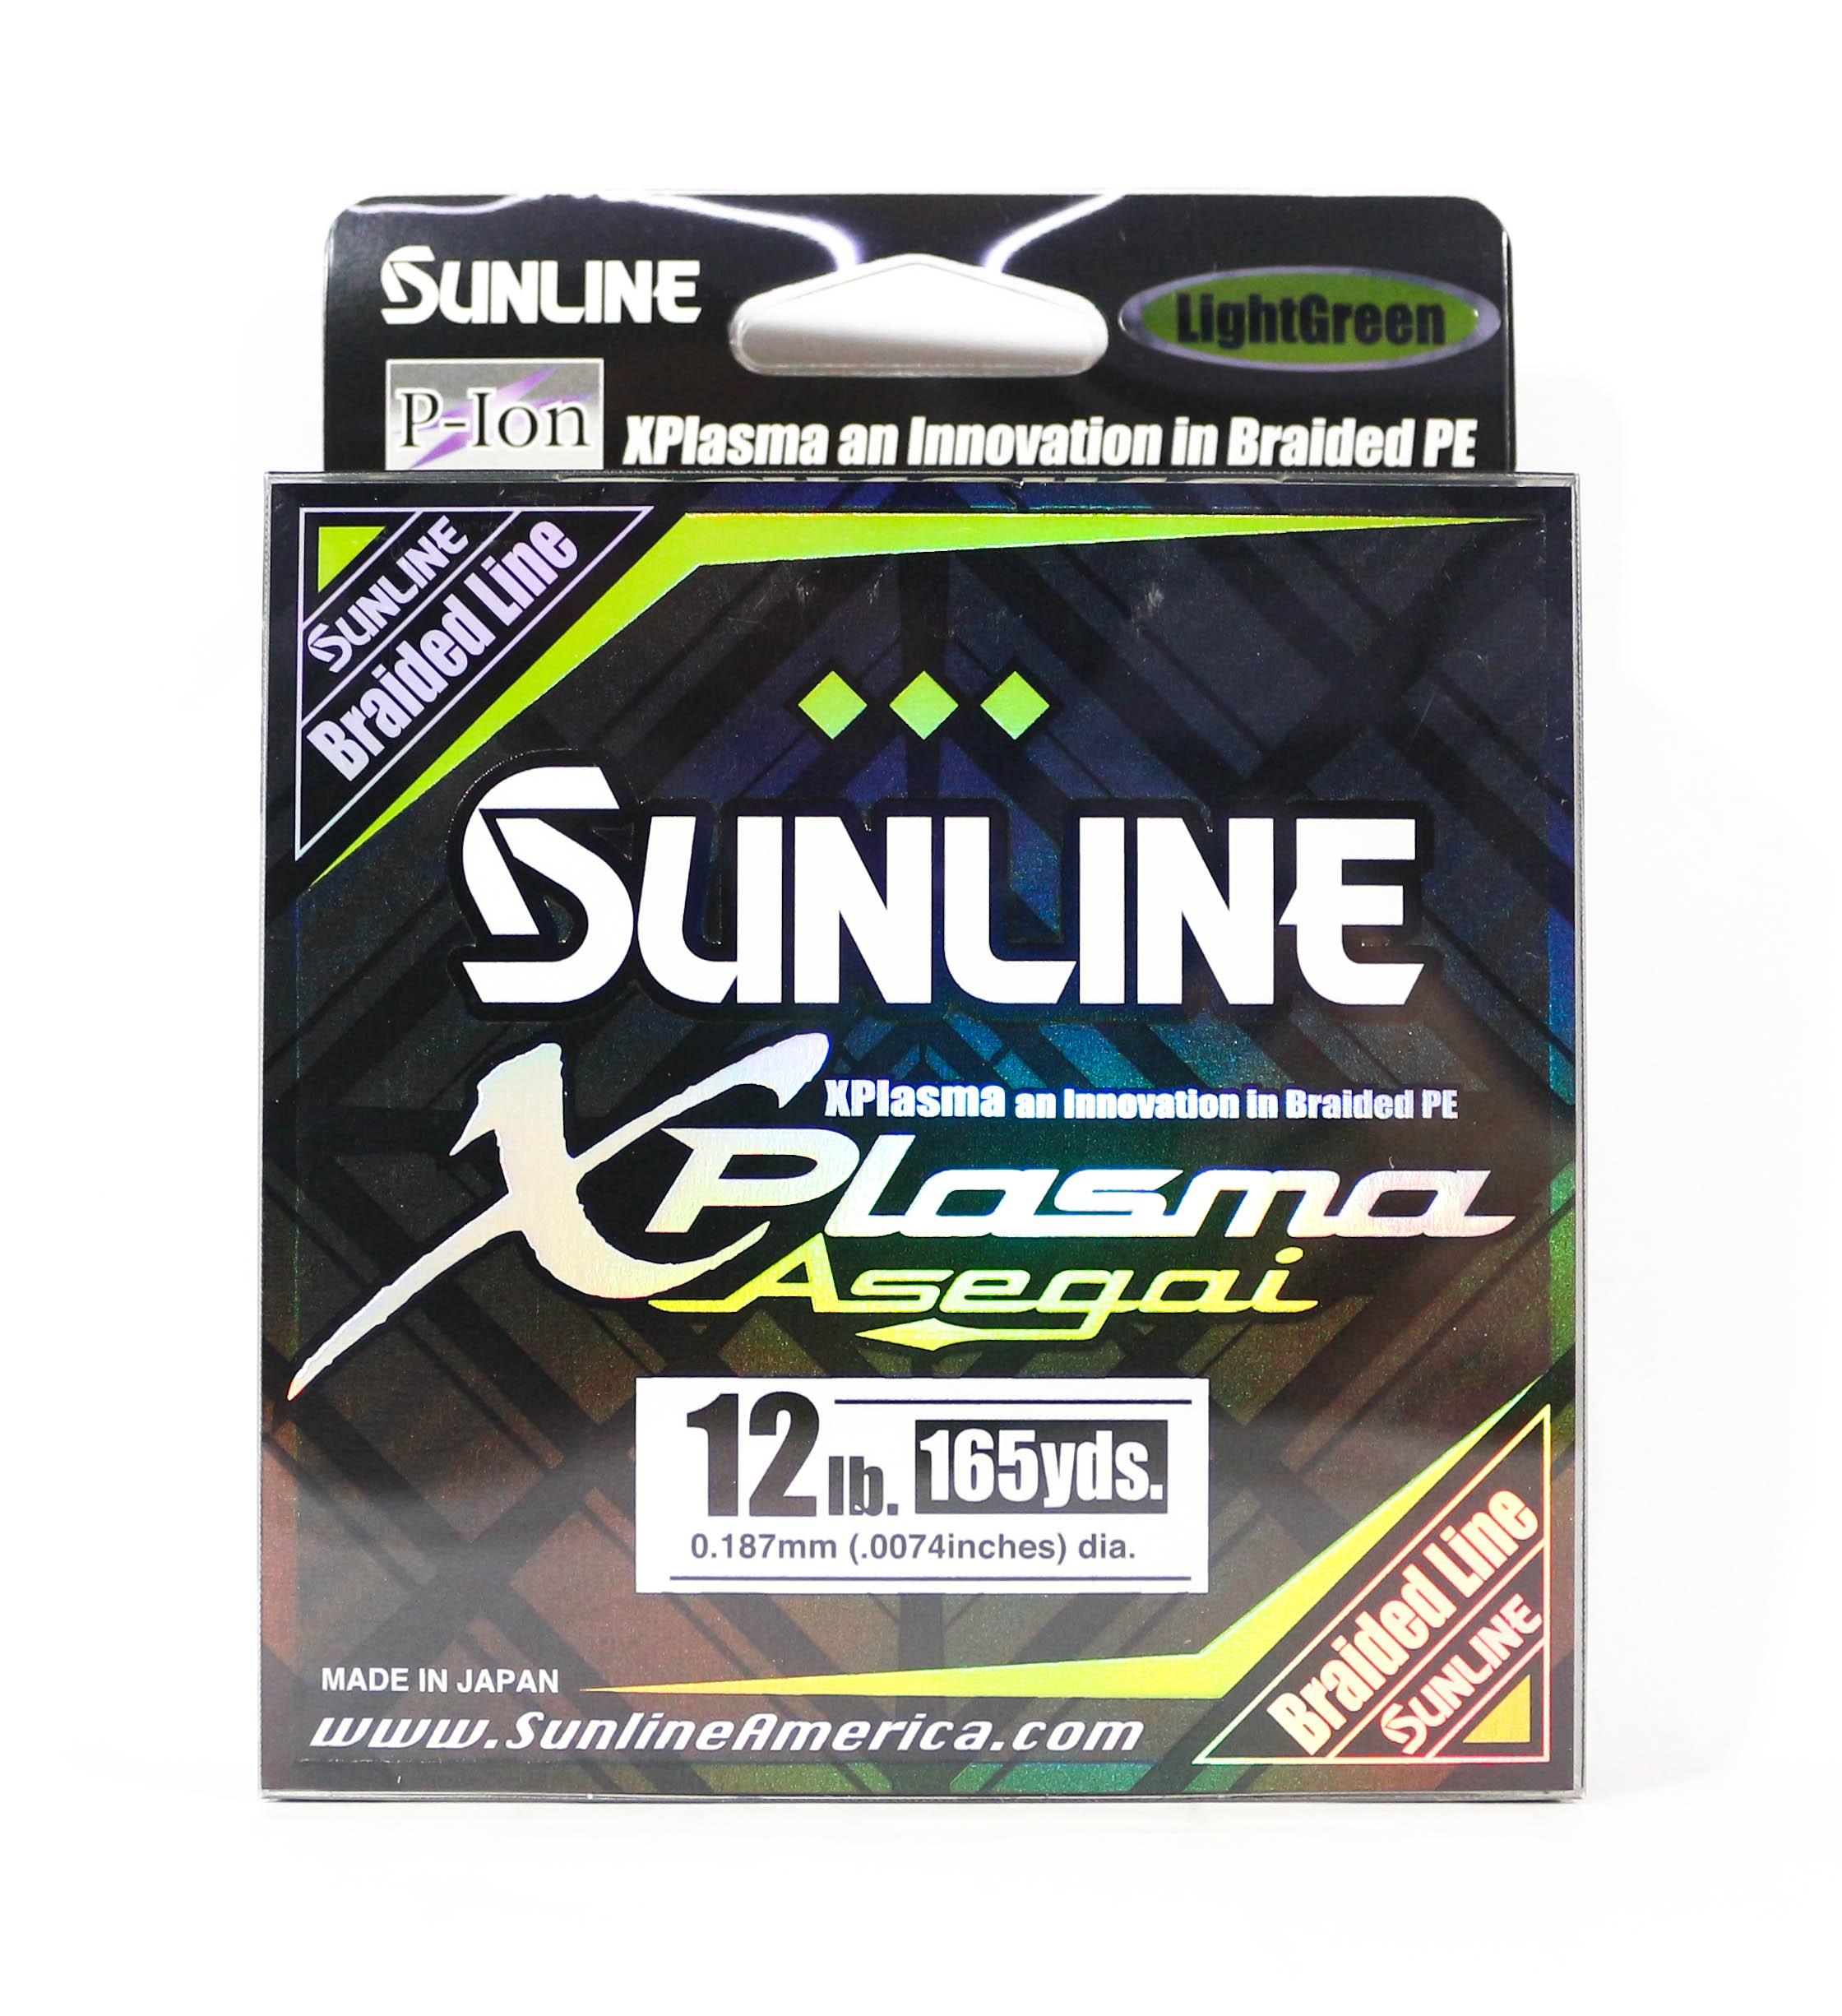 Sunline Asegai Xplasma Braided Line 165yds P.E 1.2 12lb Light Green (5011)